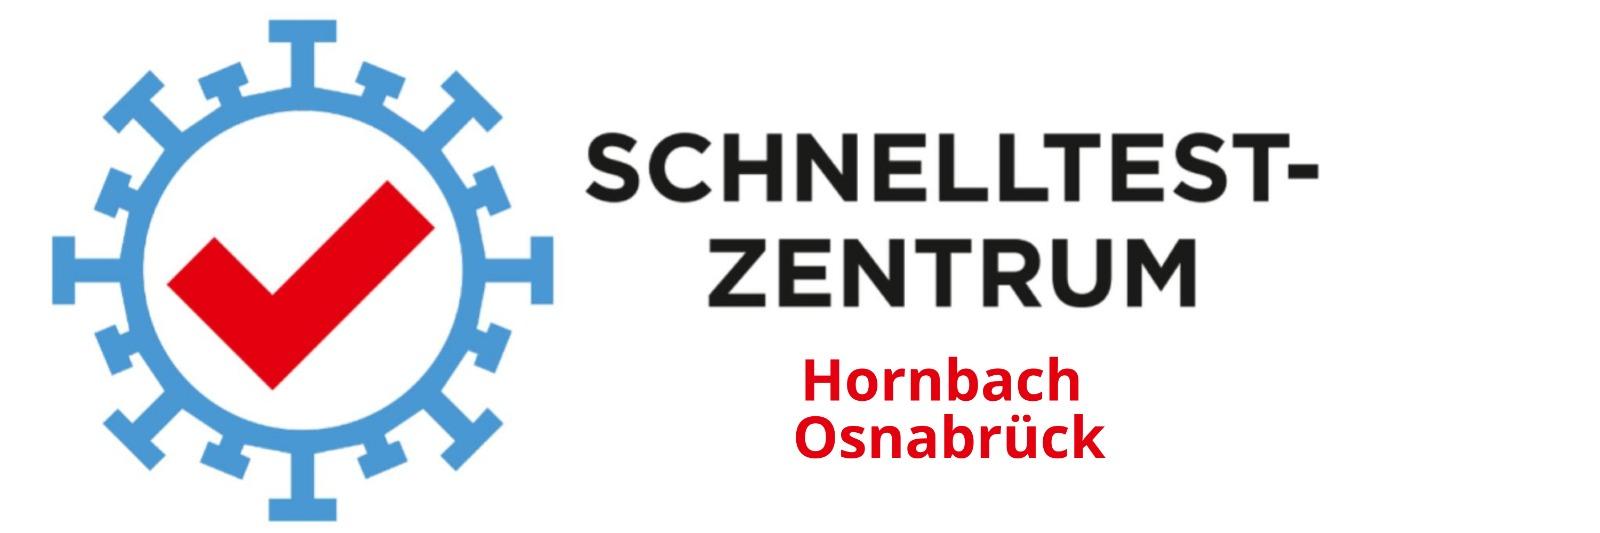 Hornbach Osnabrück